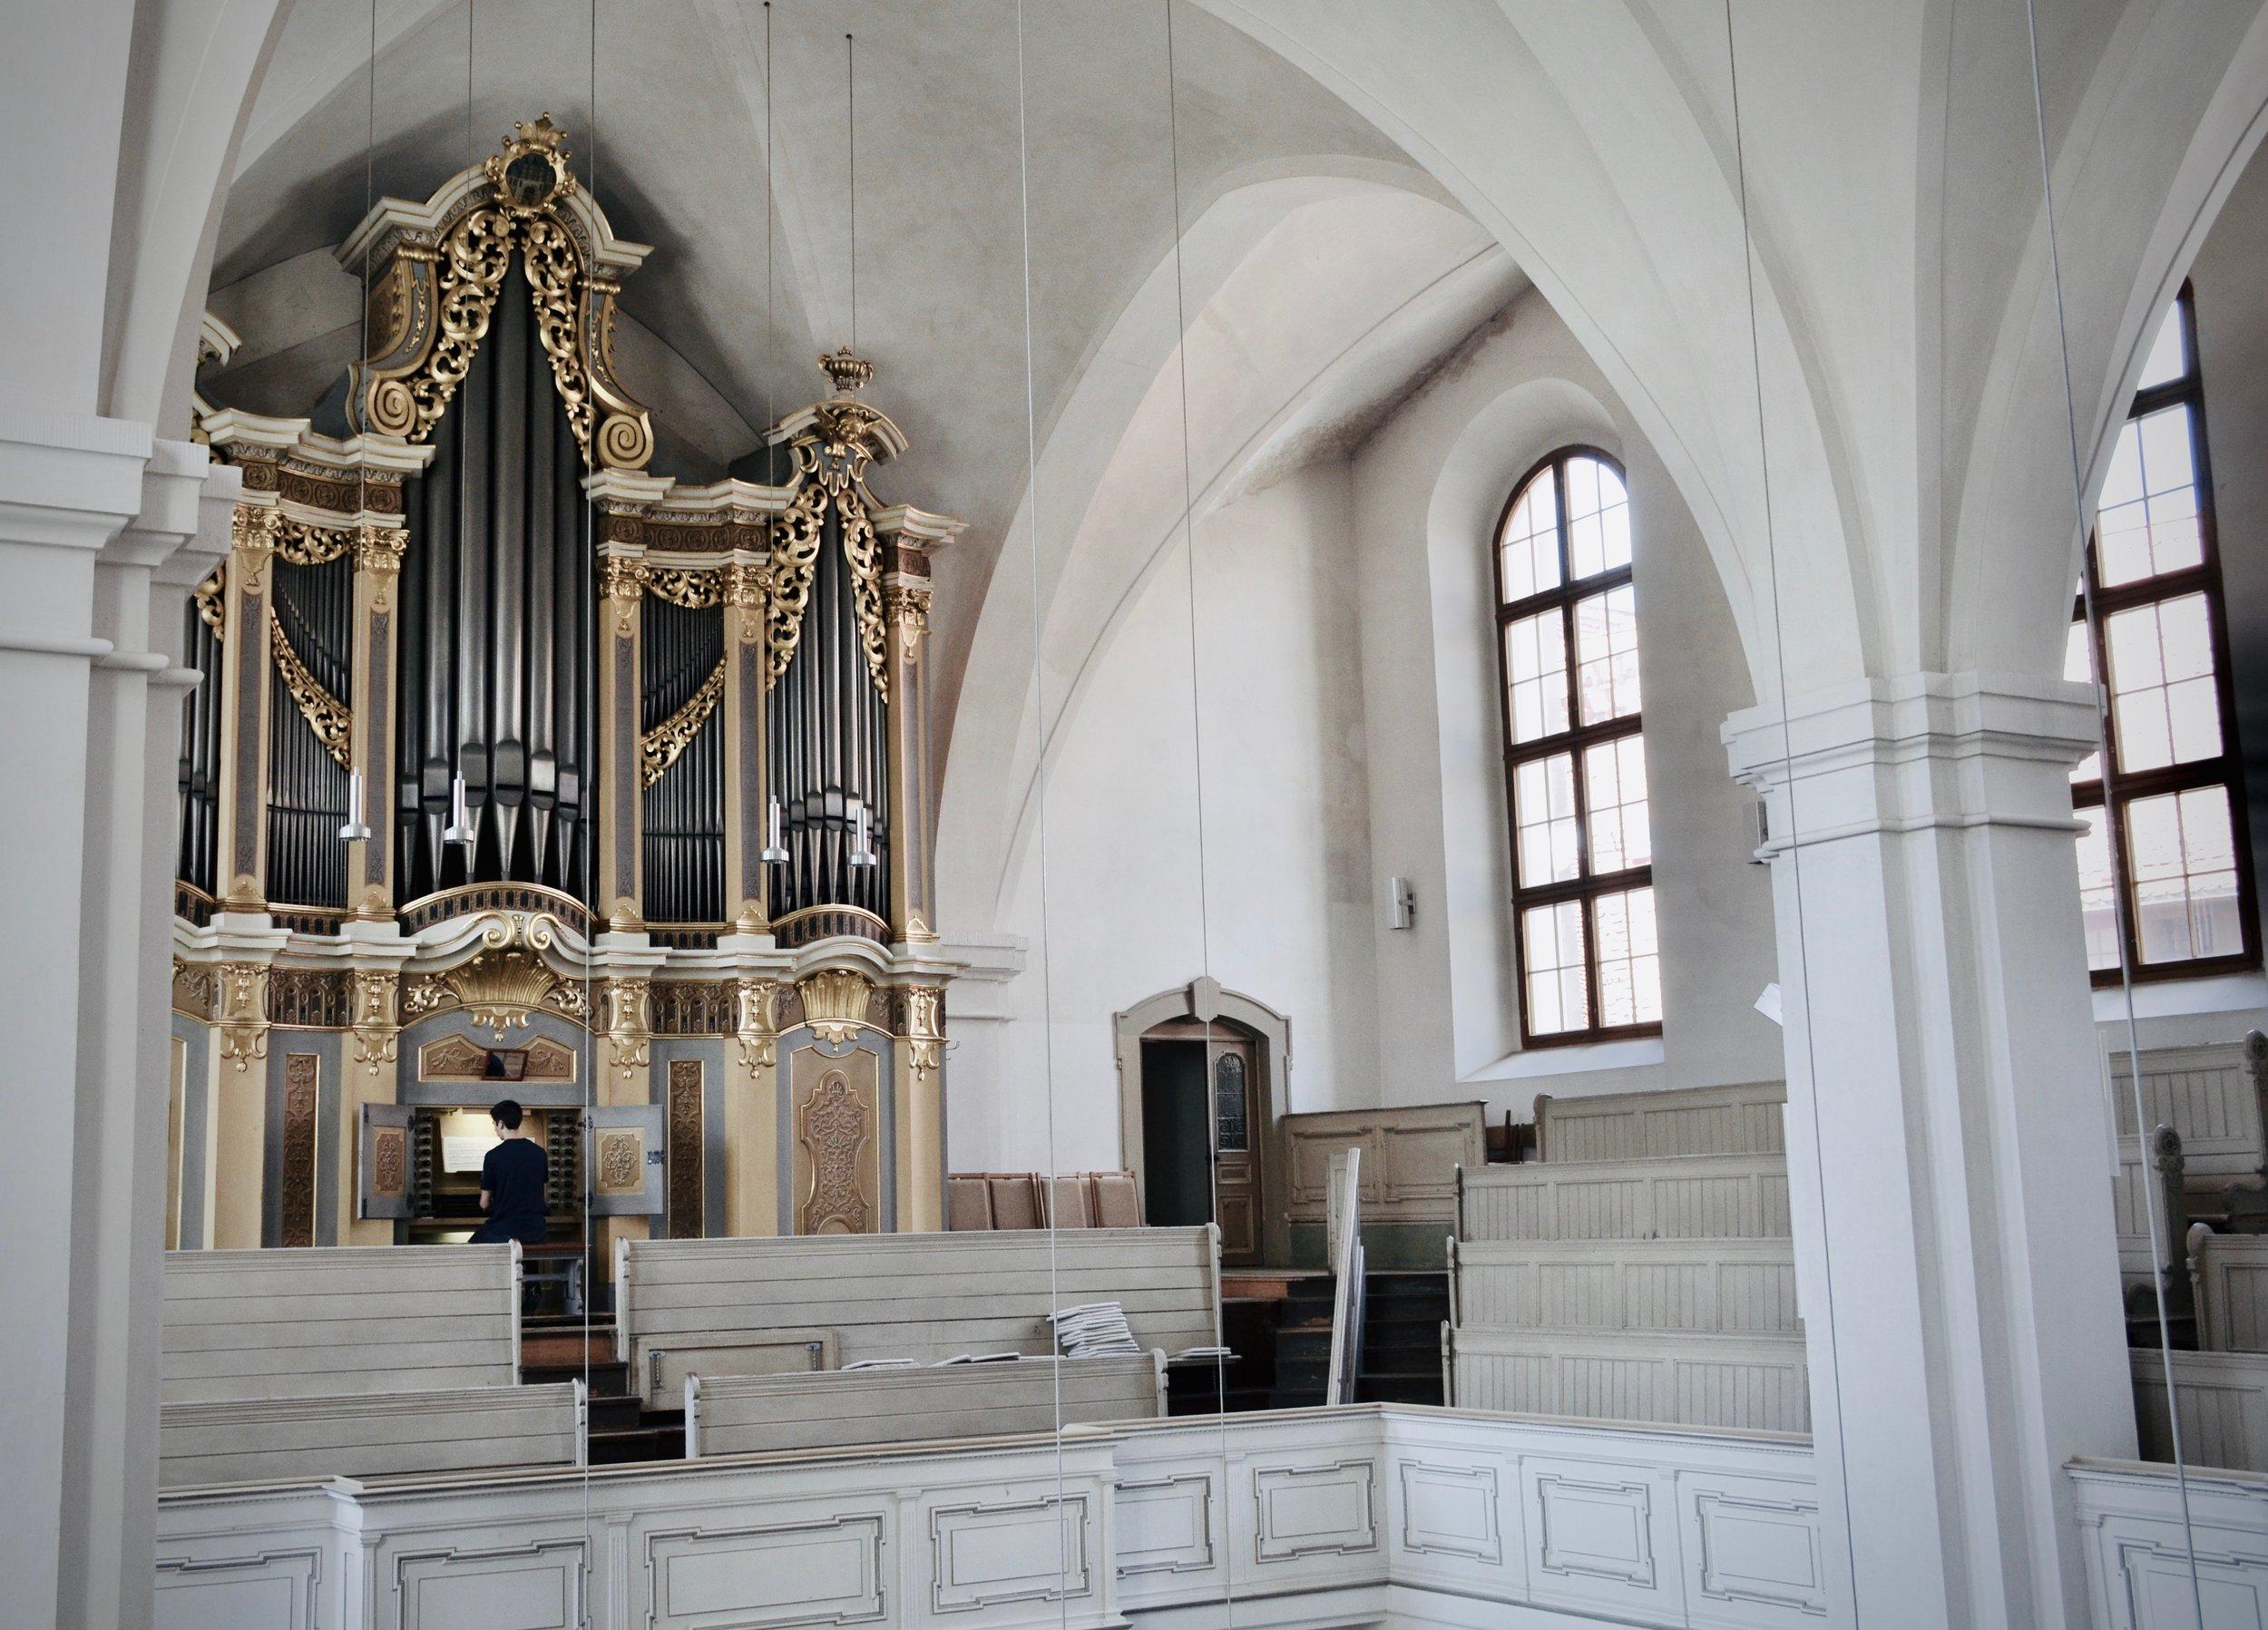 1735 Gottfried Silbermann organ, St. Petrikirche, Freiberg.